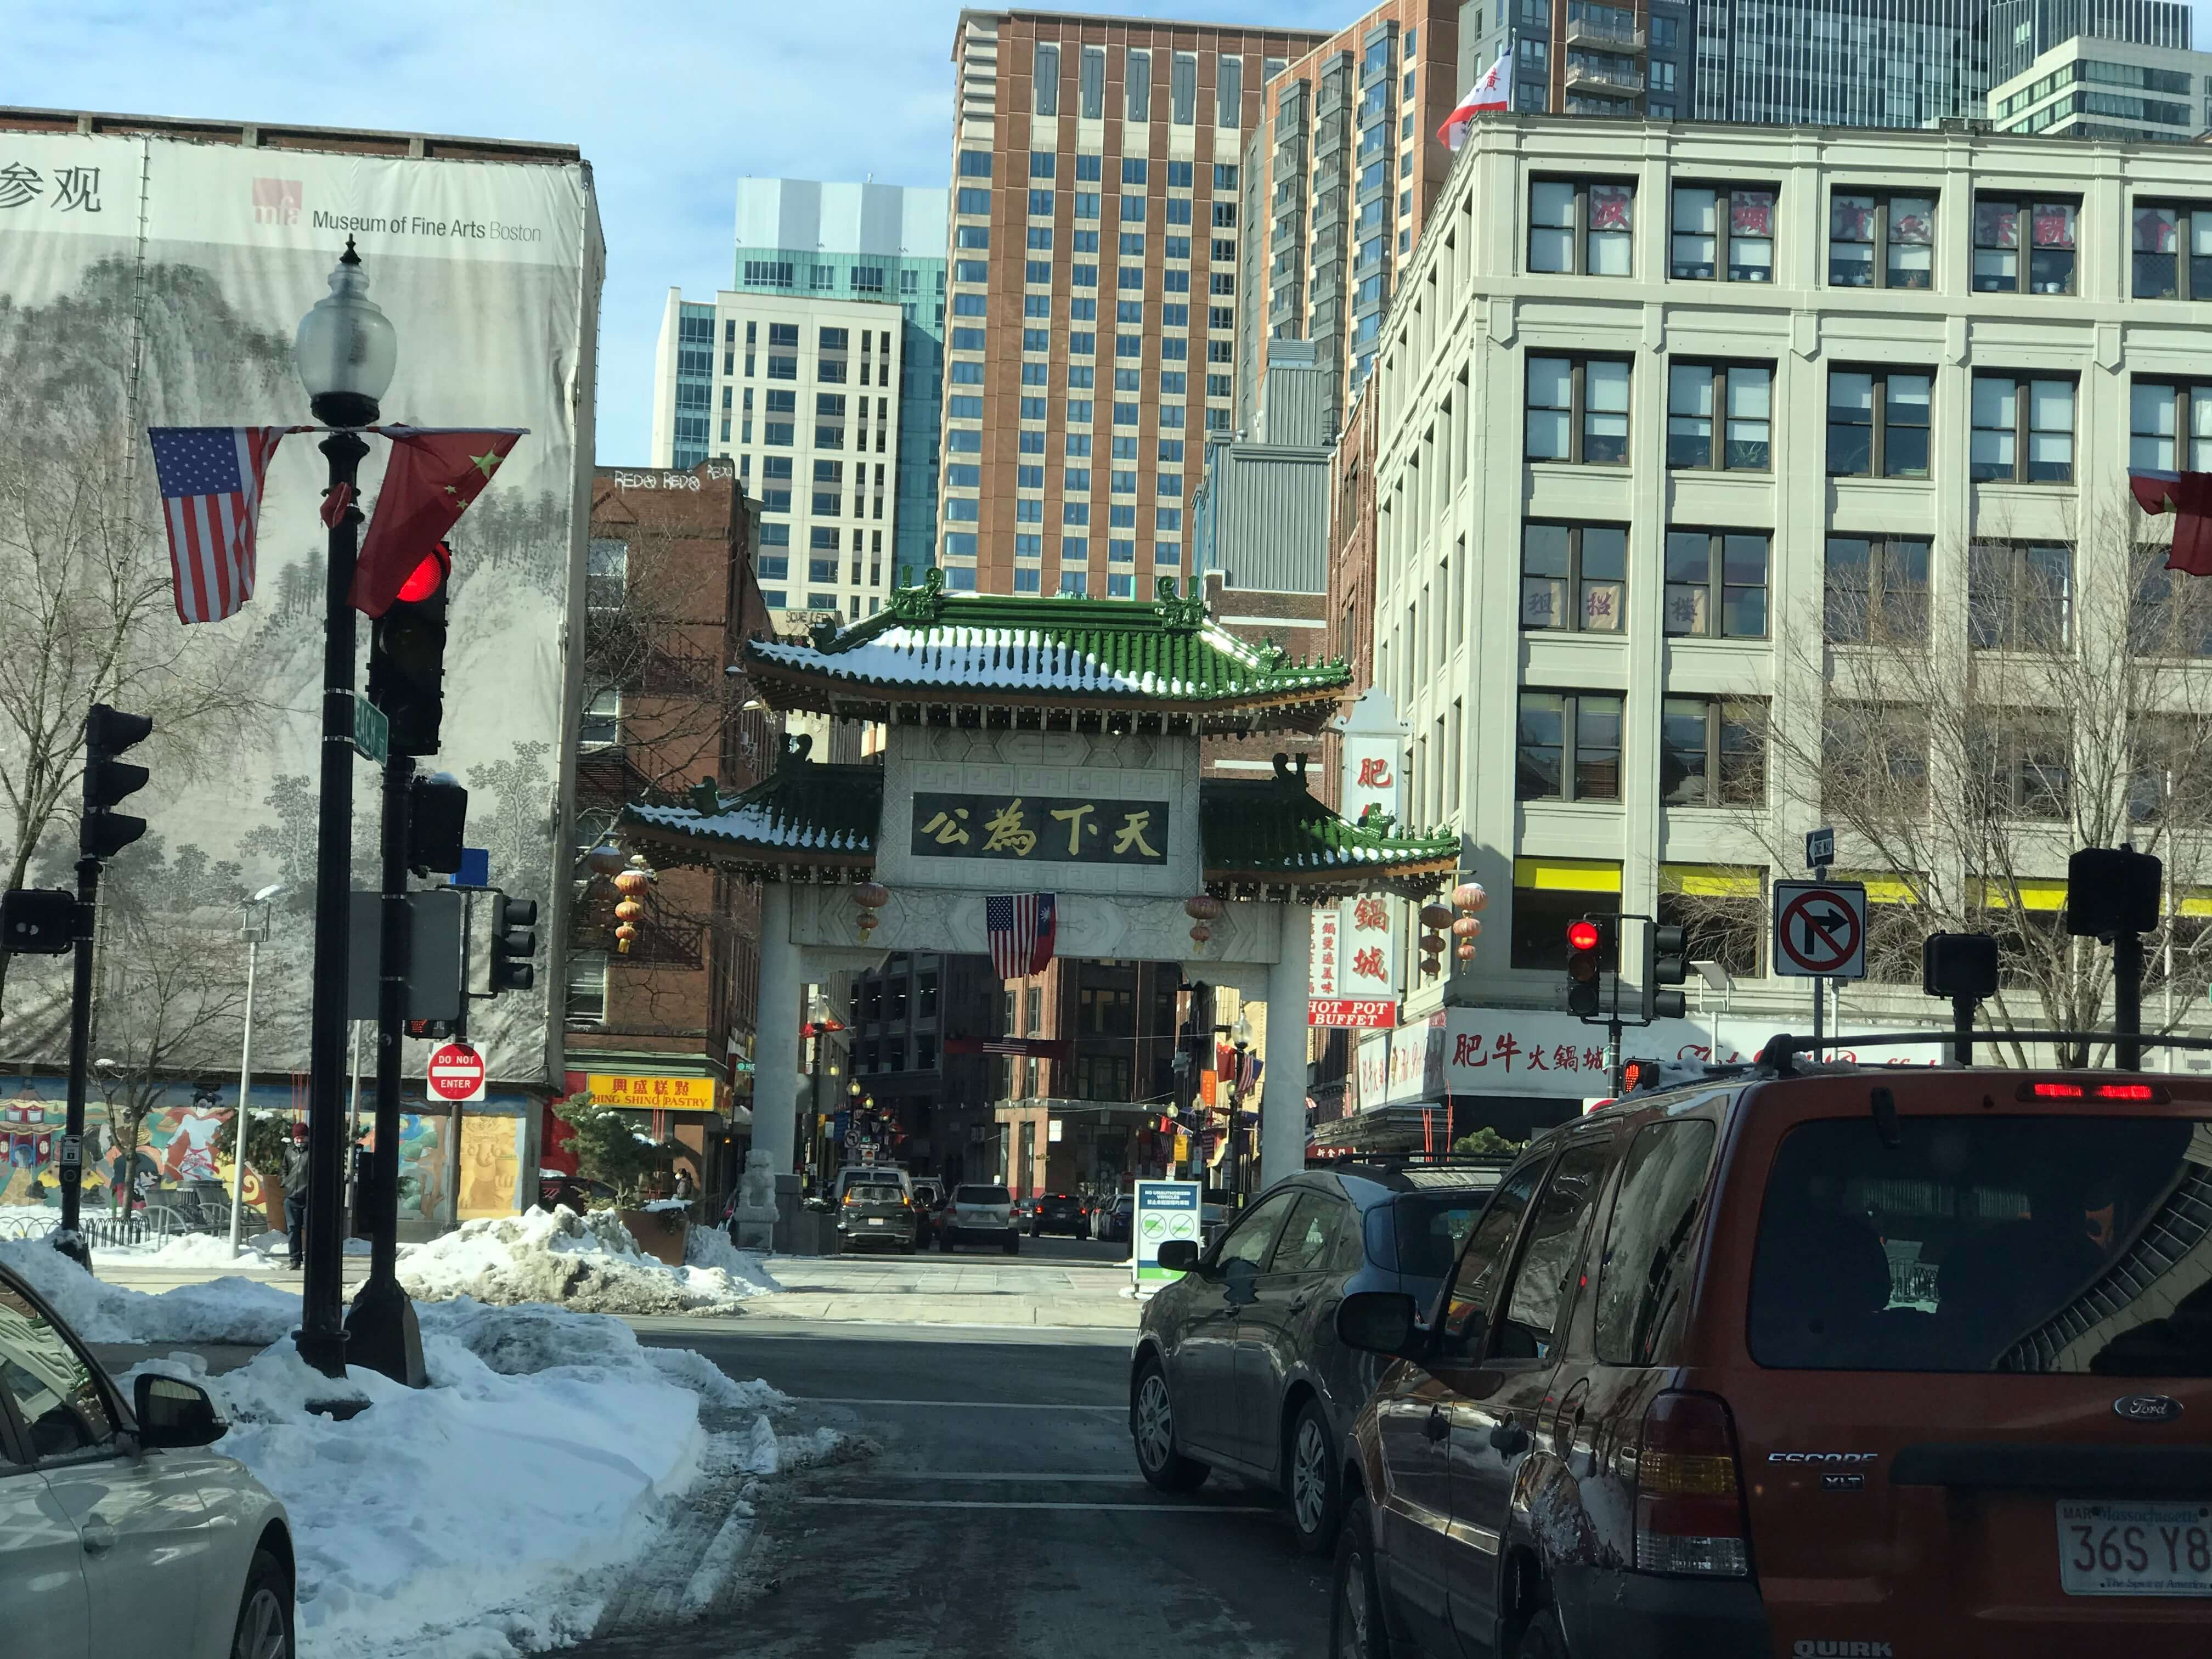 波士顿首届农历新年游行节于21日拉开帷幕 波士顿同源会等将其打造年度新年社区文化